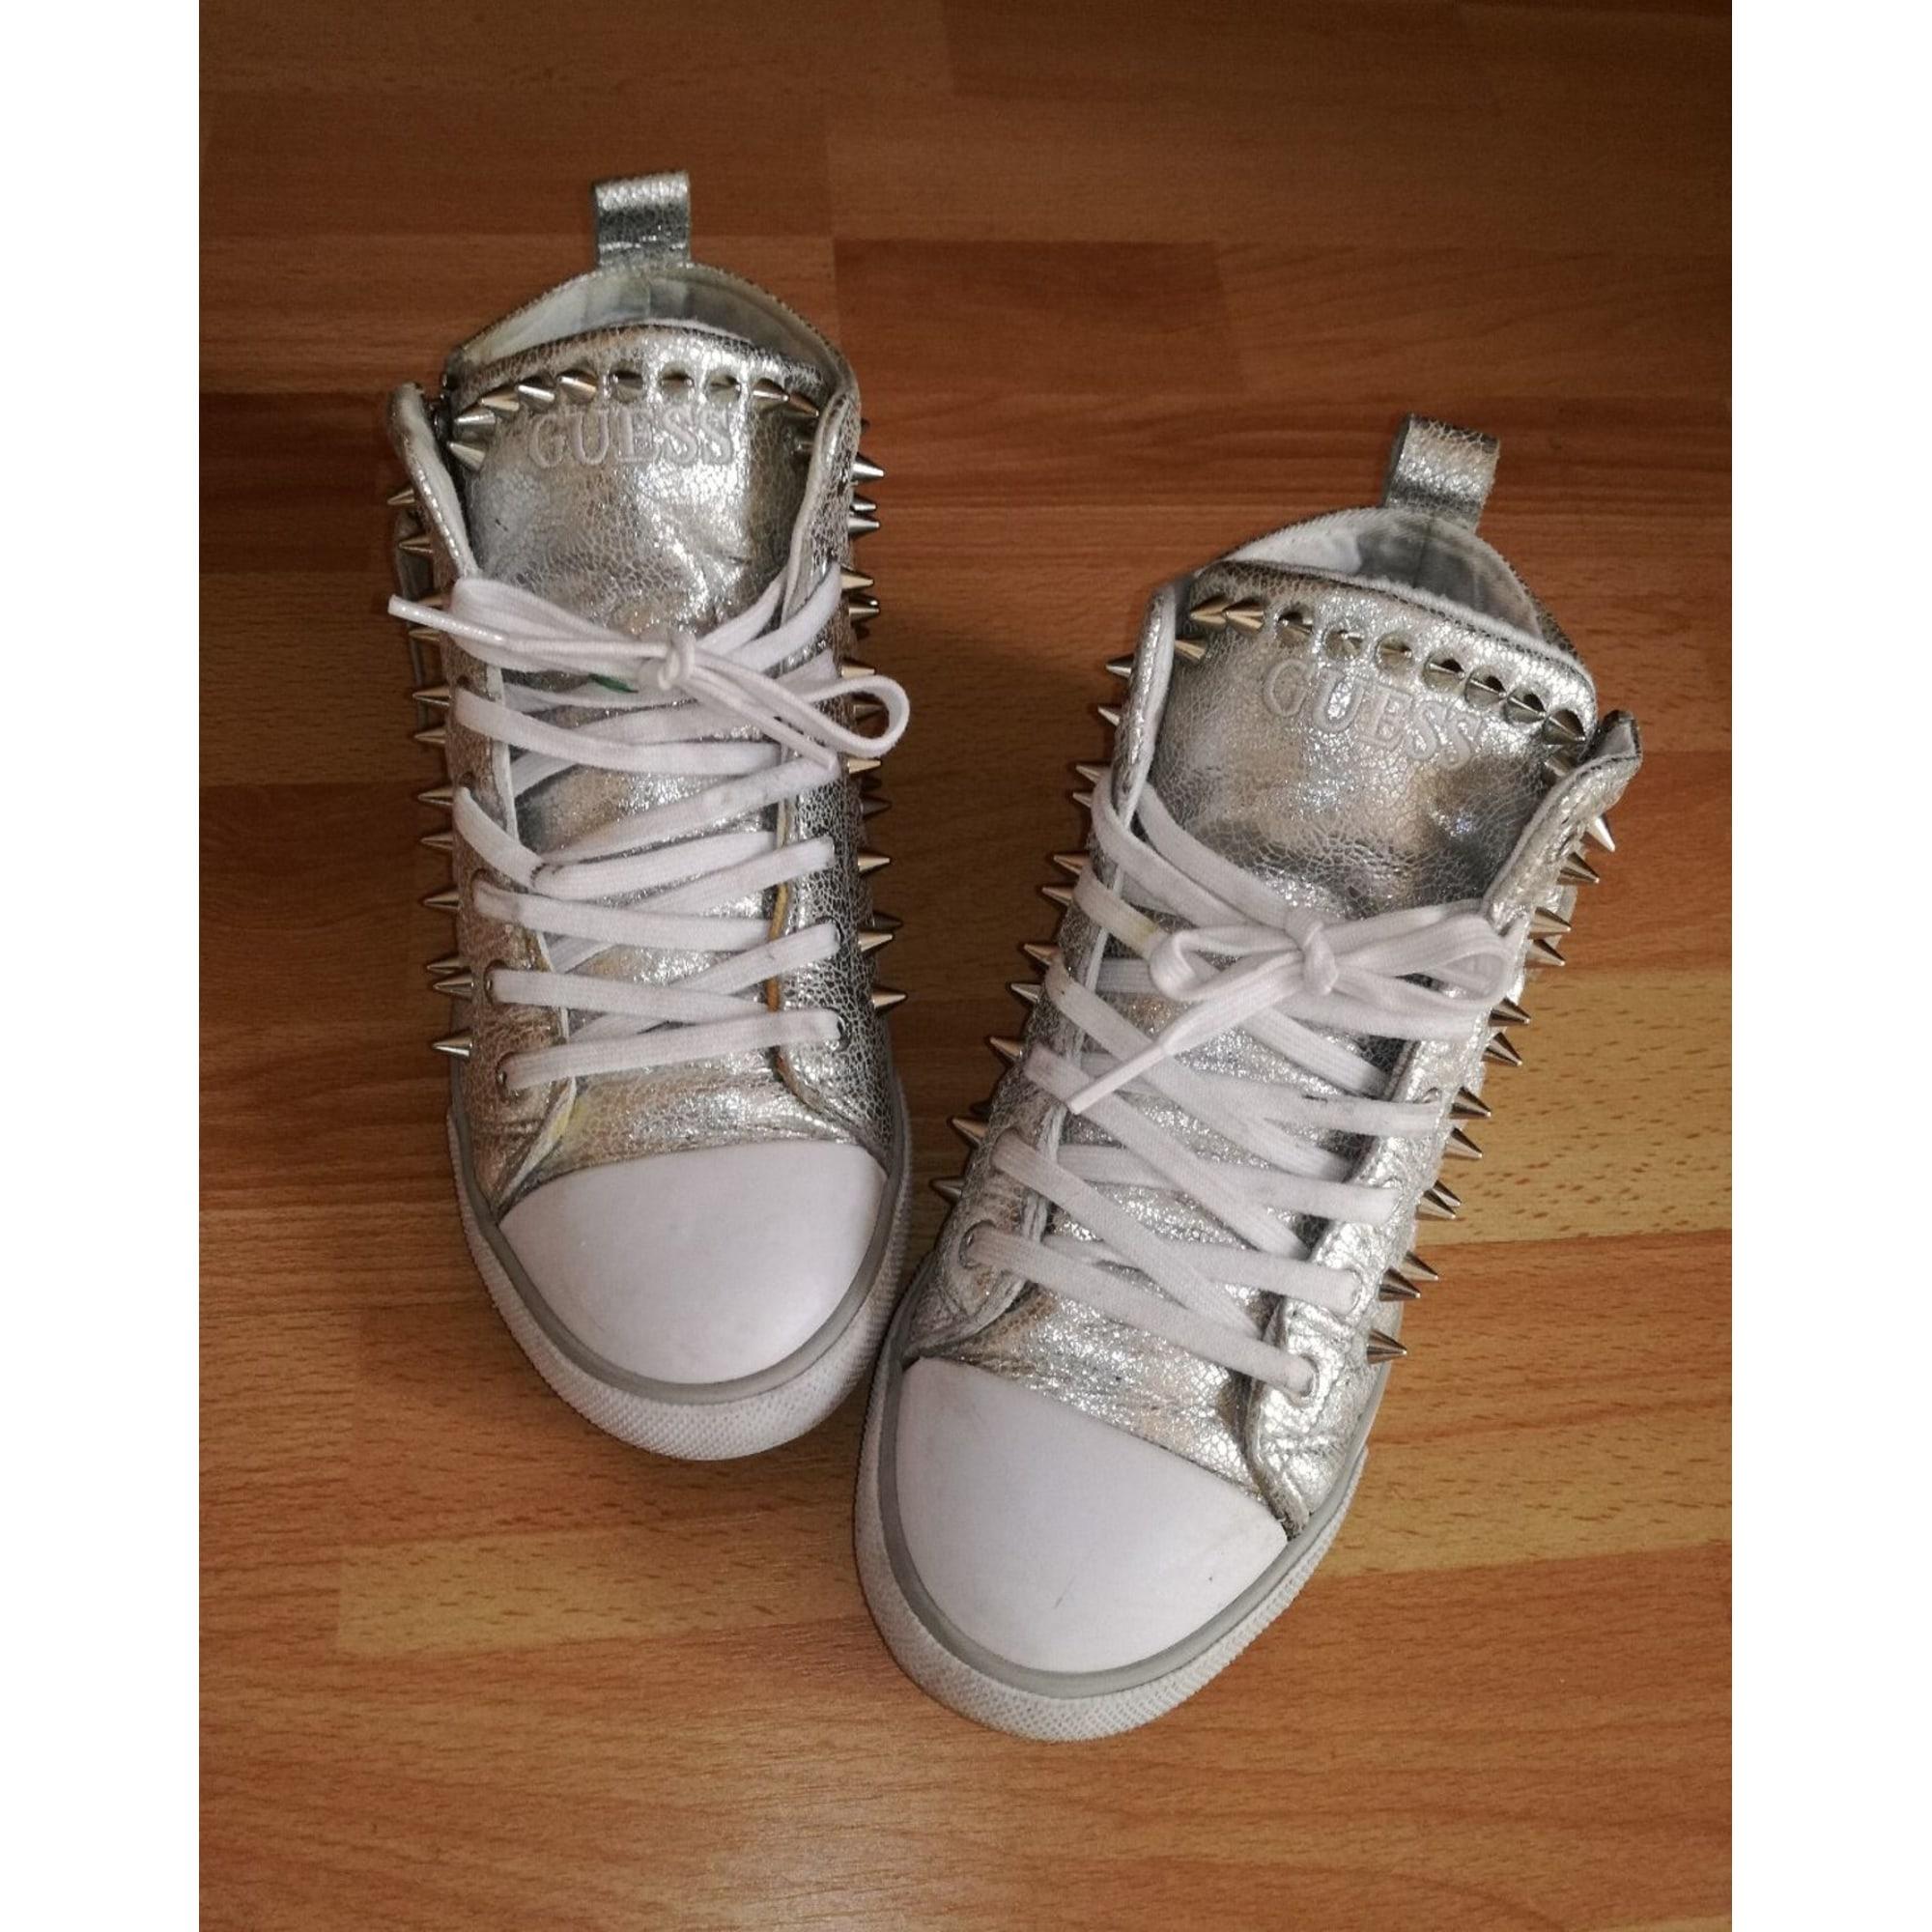 Chaussures de sport GUESS Argenté, acier